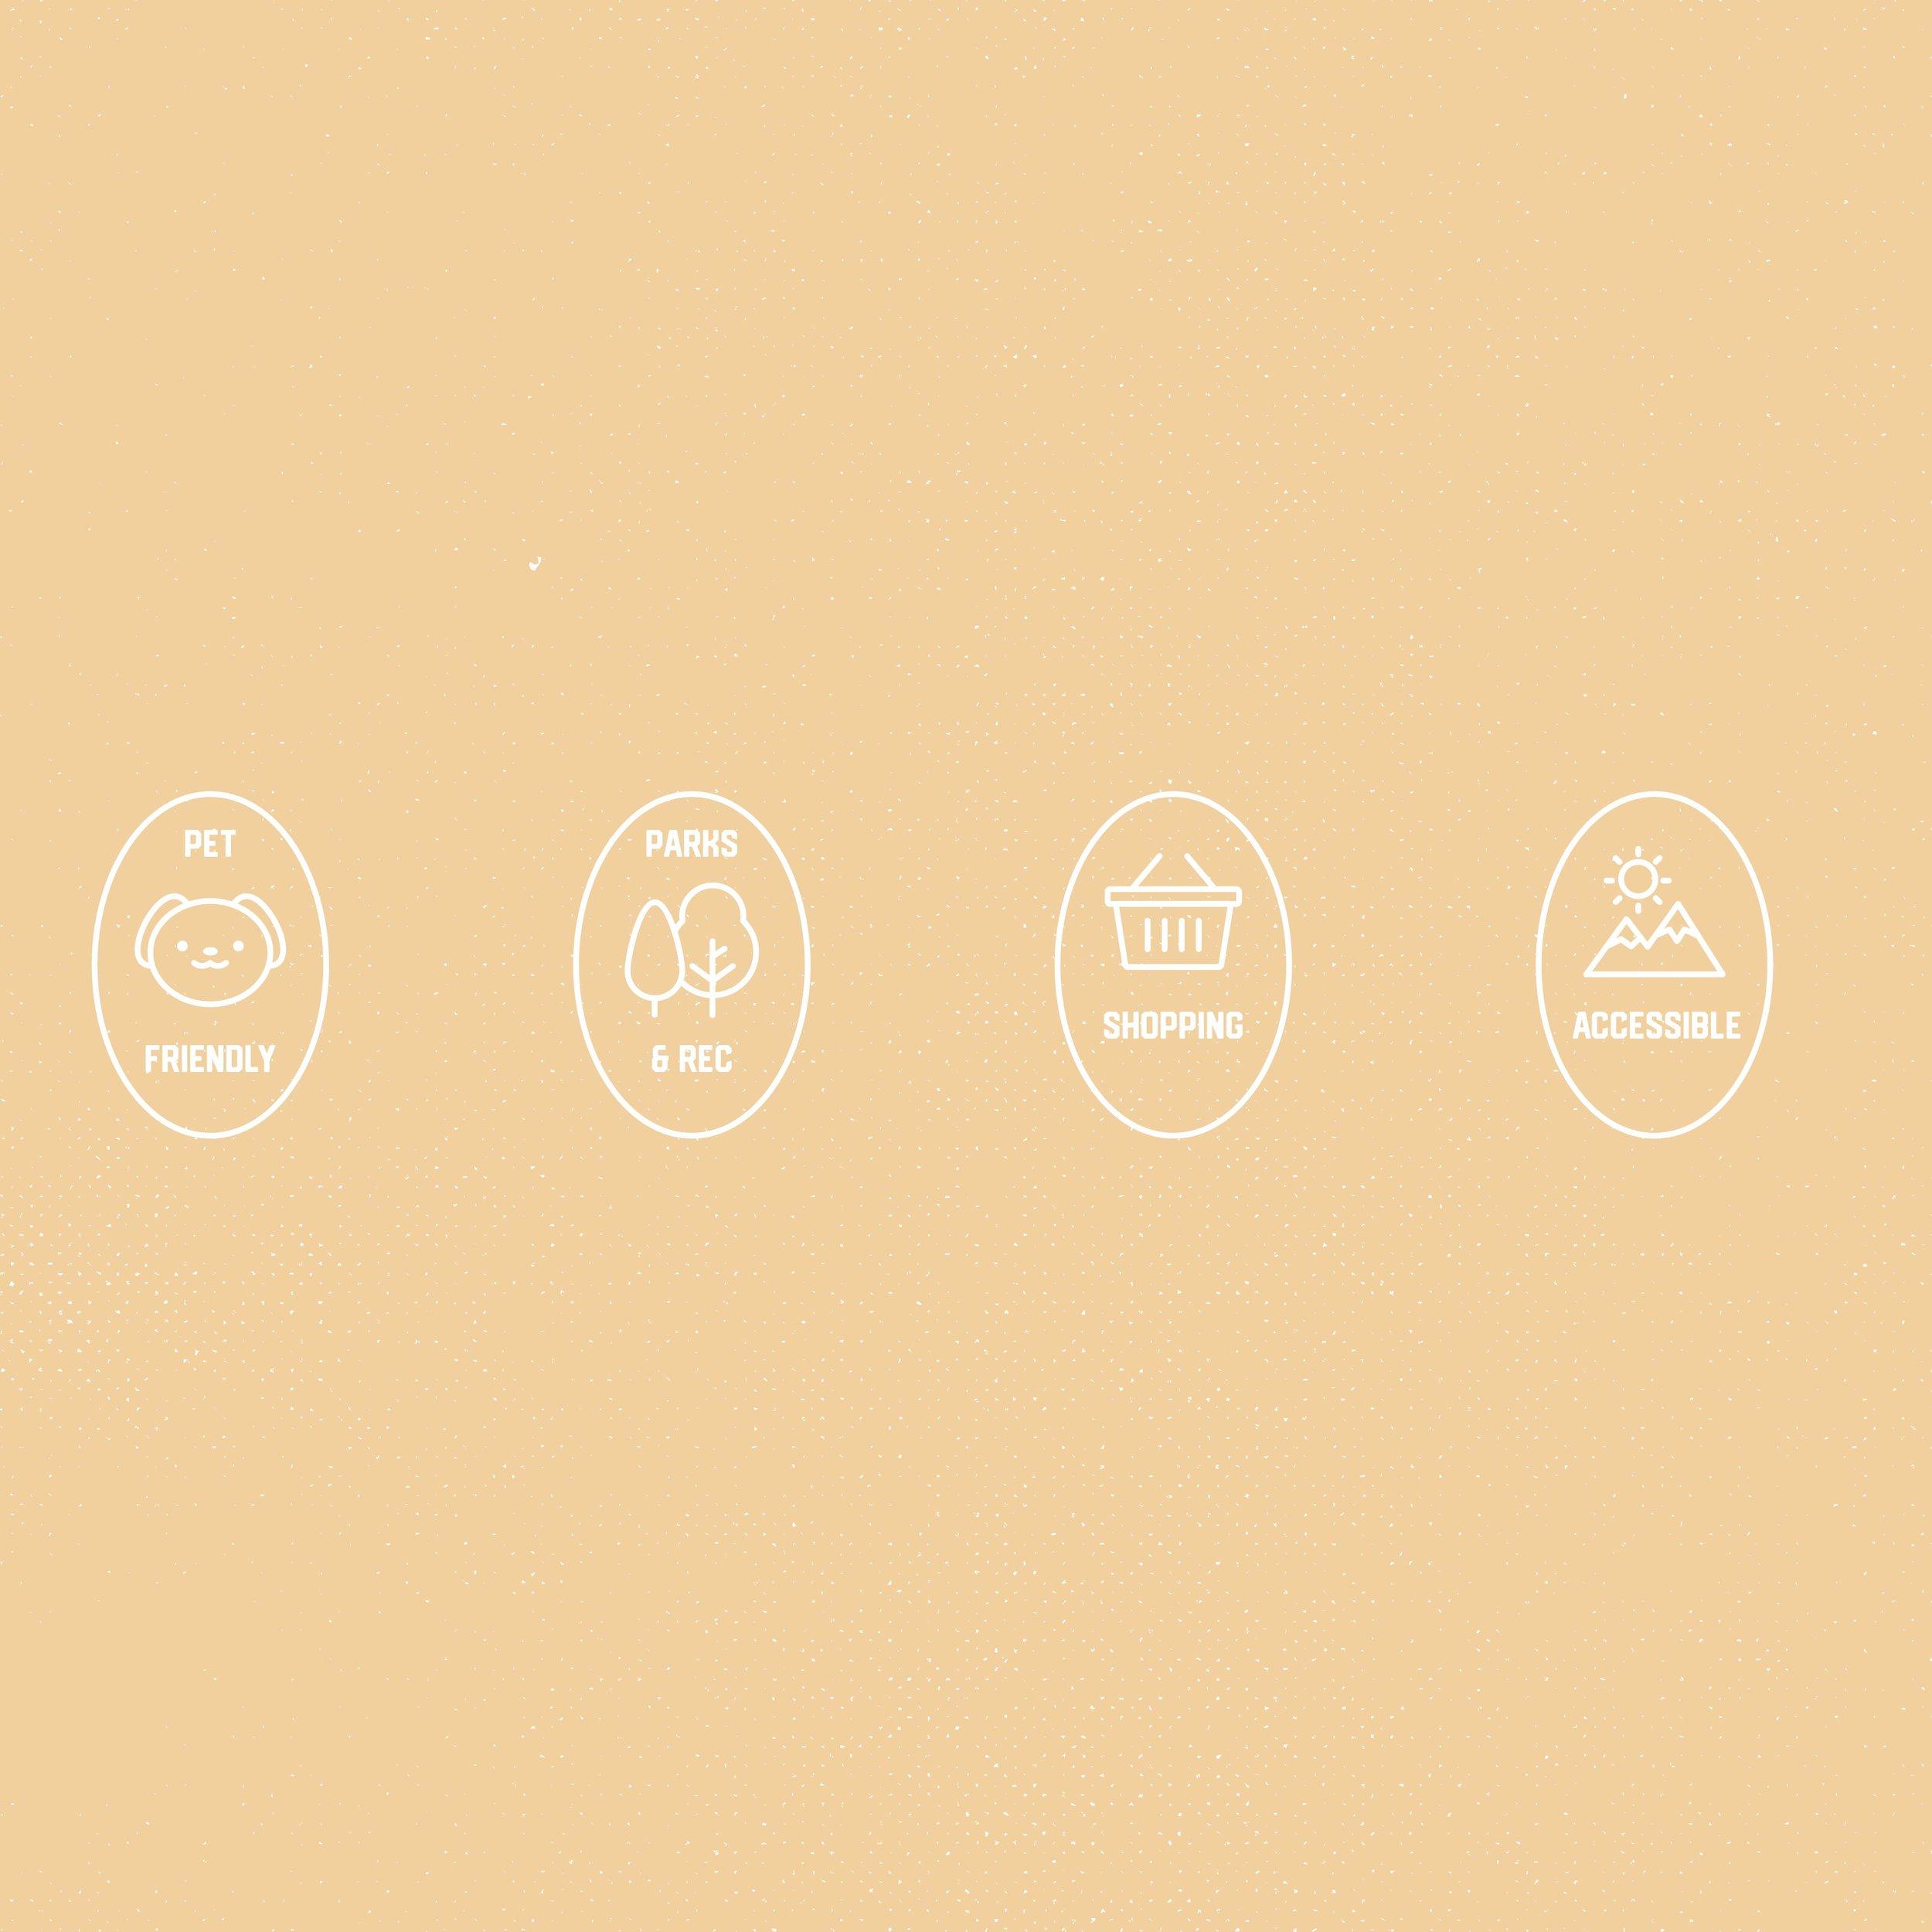 Branding-06.jpg